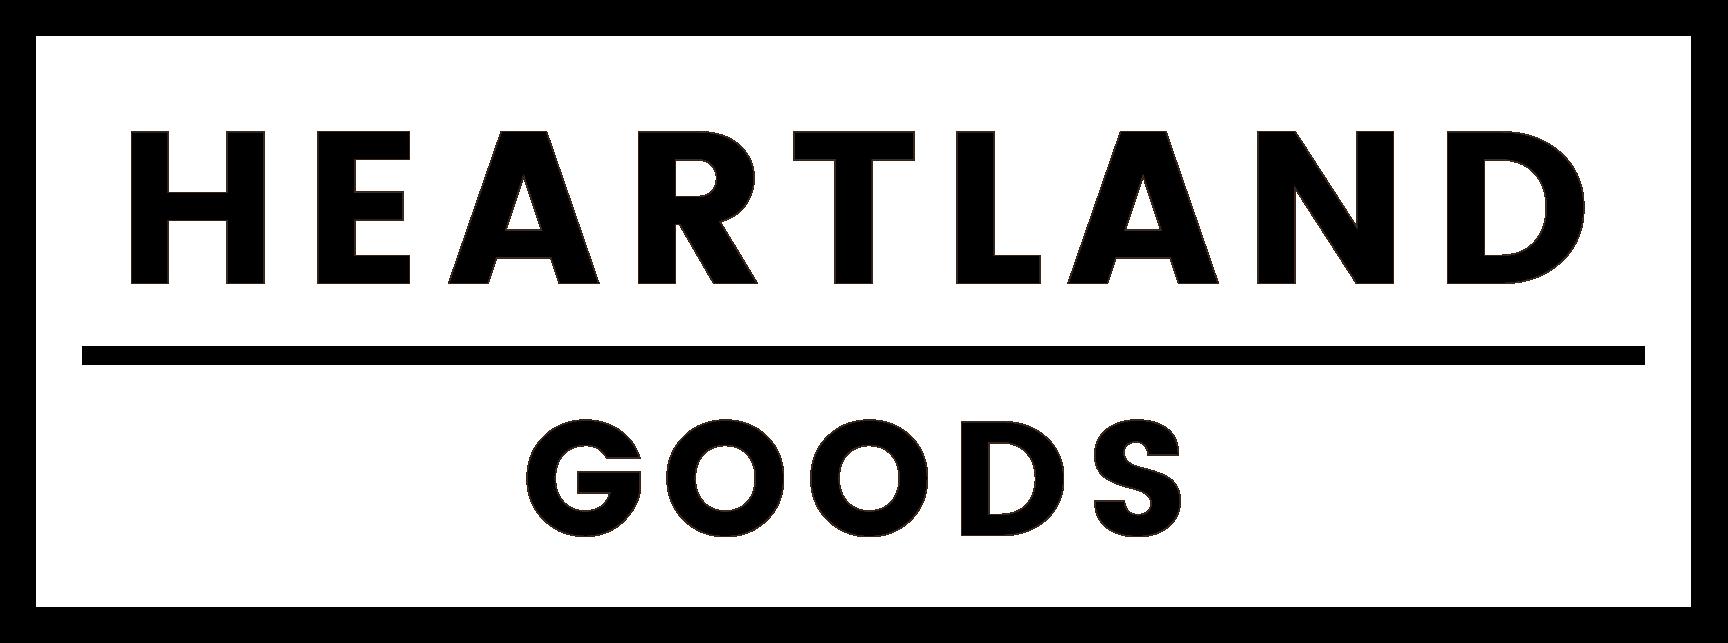 Heartland Goods